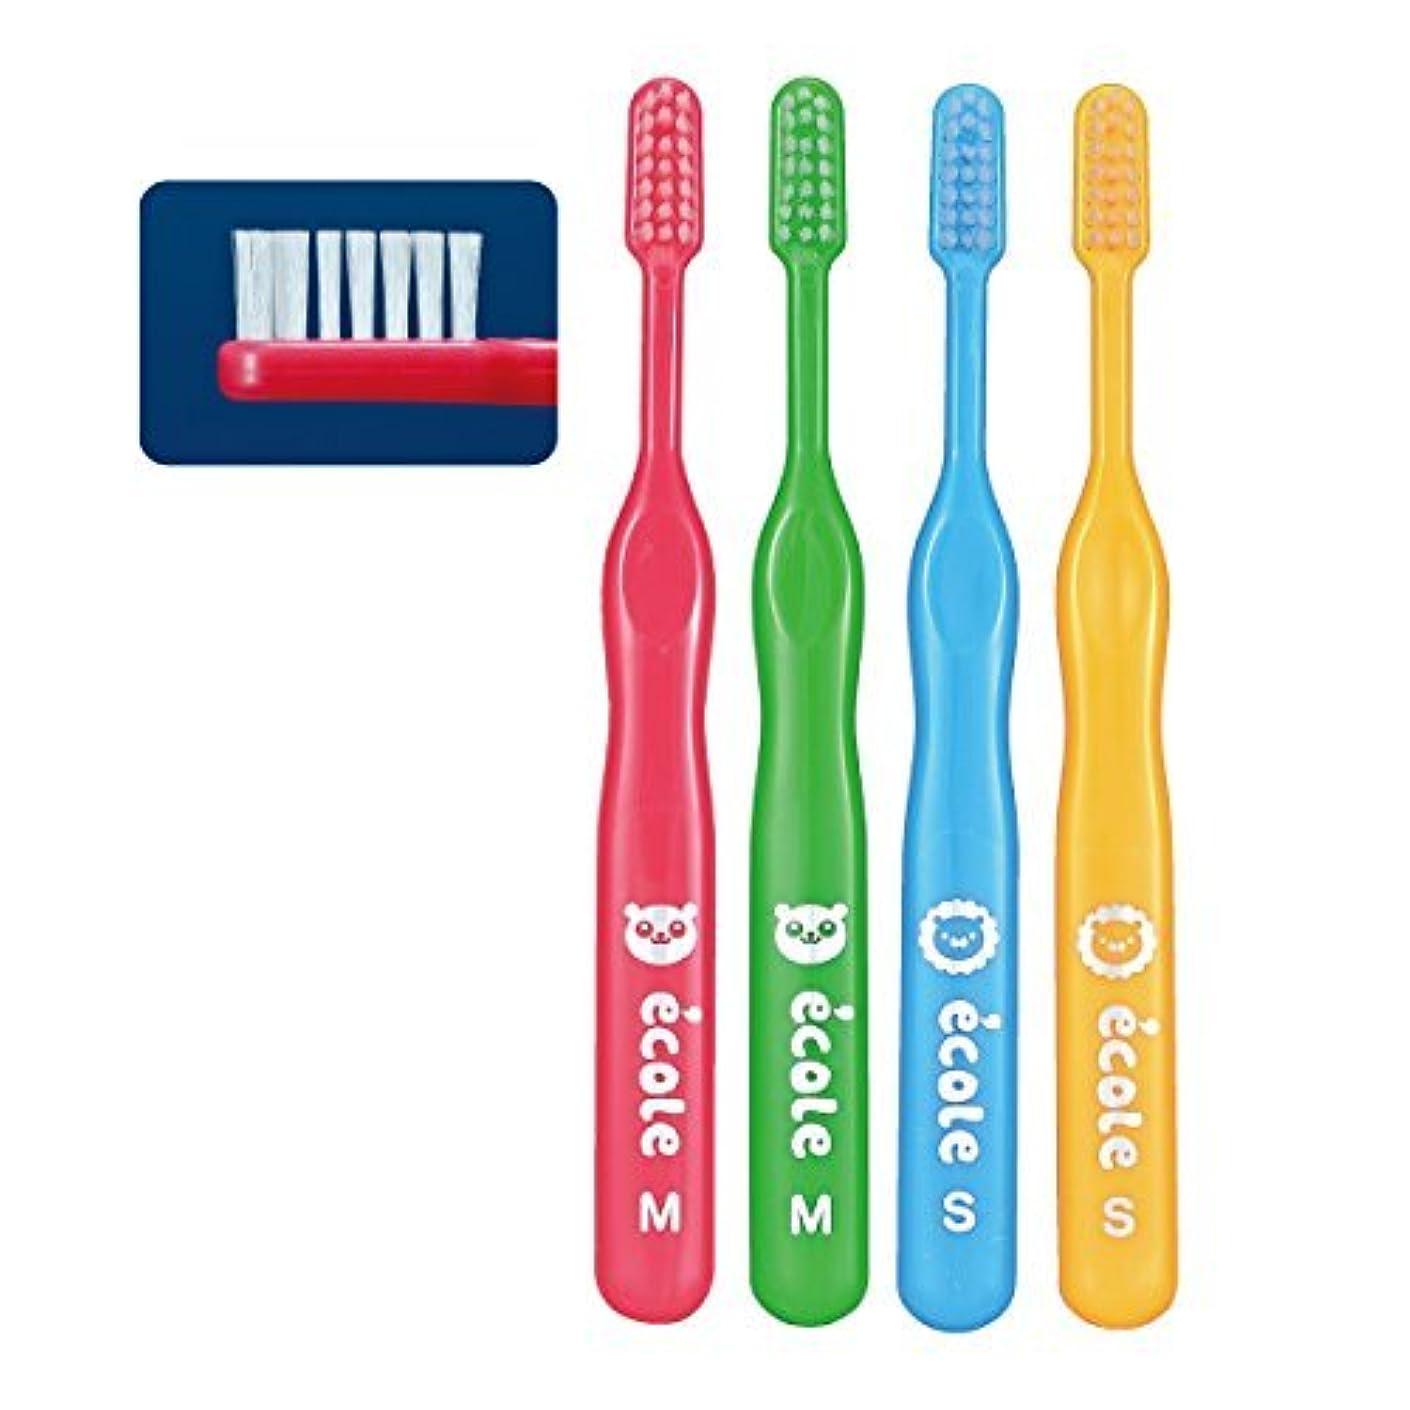 終点義務的いくつかのリセラ エコル 幼児~小学生用歯ブラシ Mふつう 10本入り